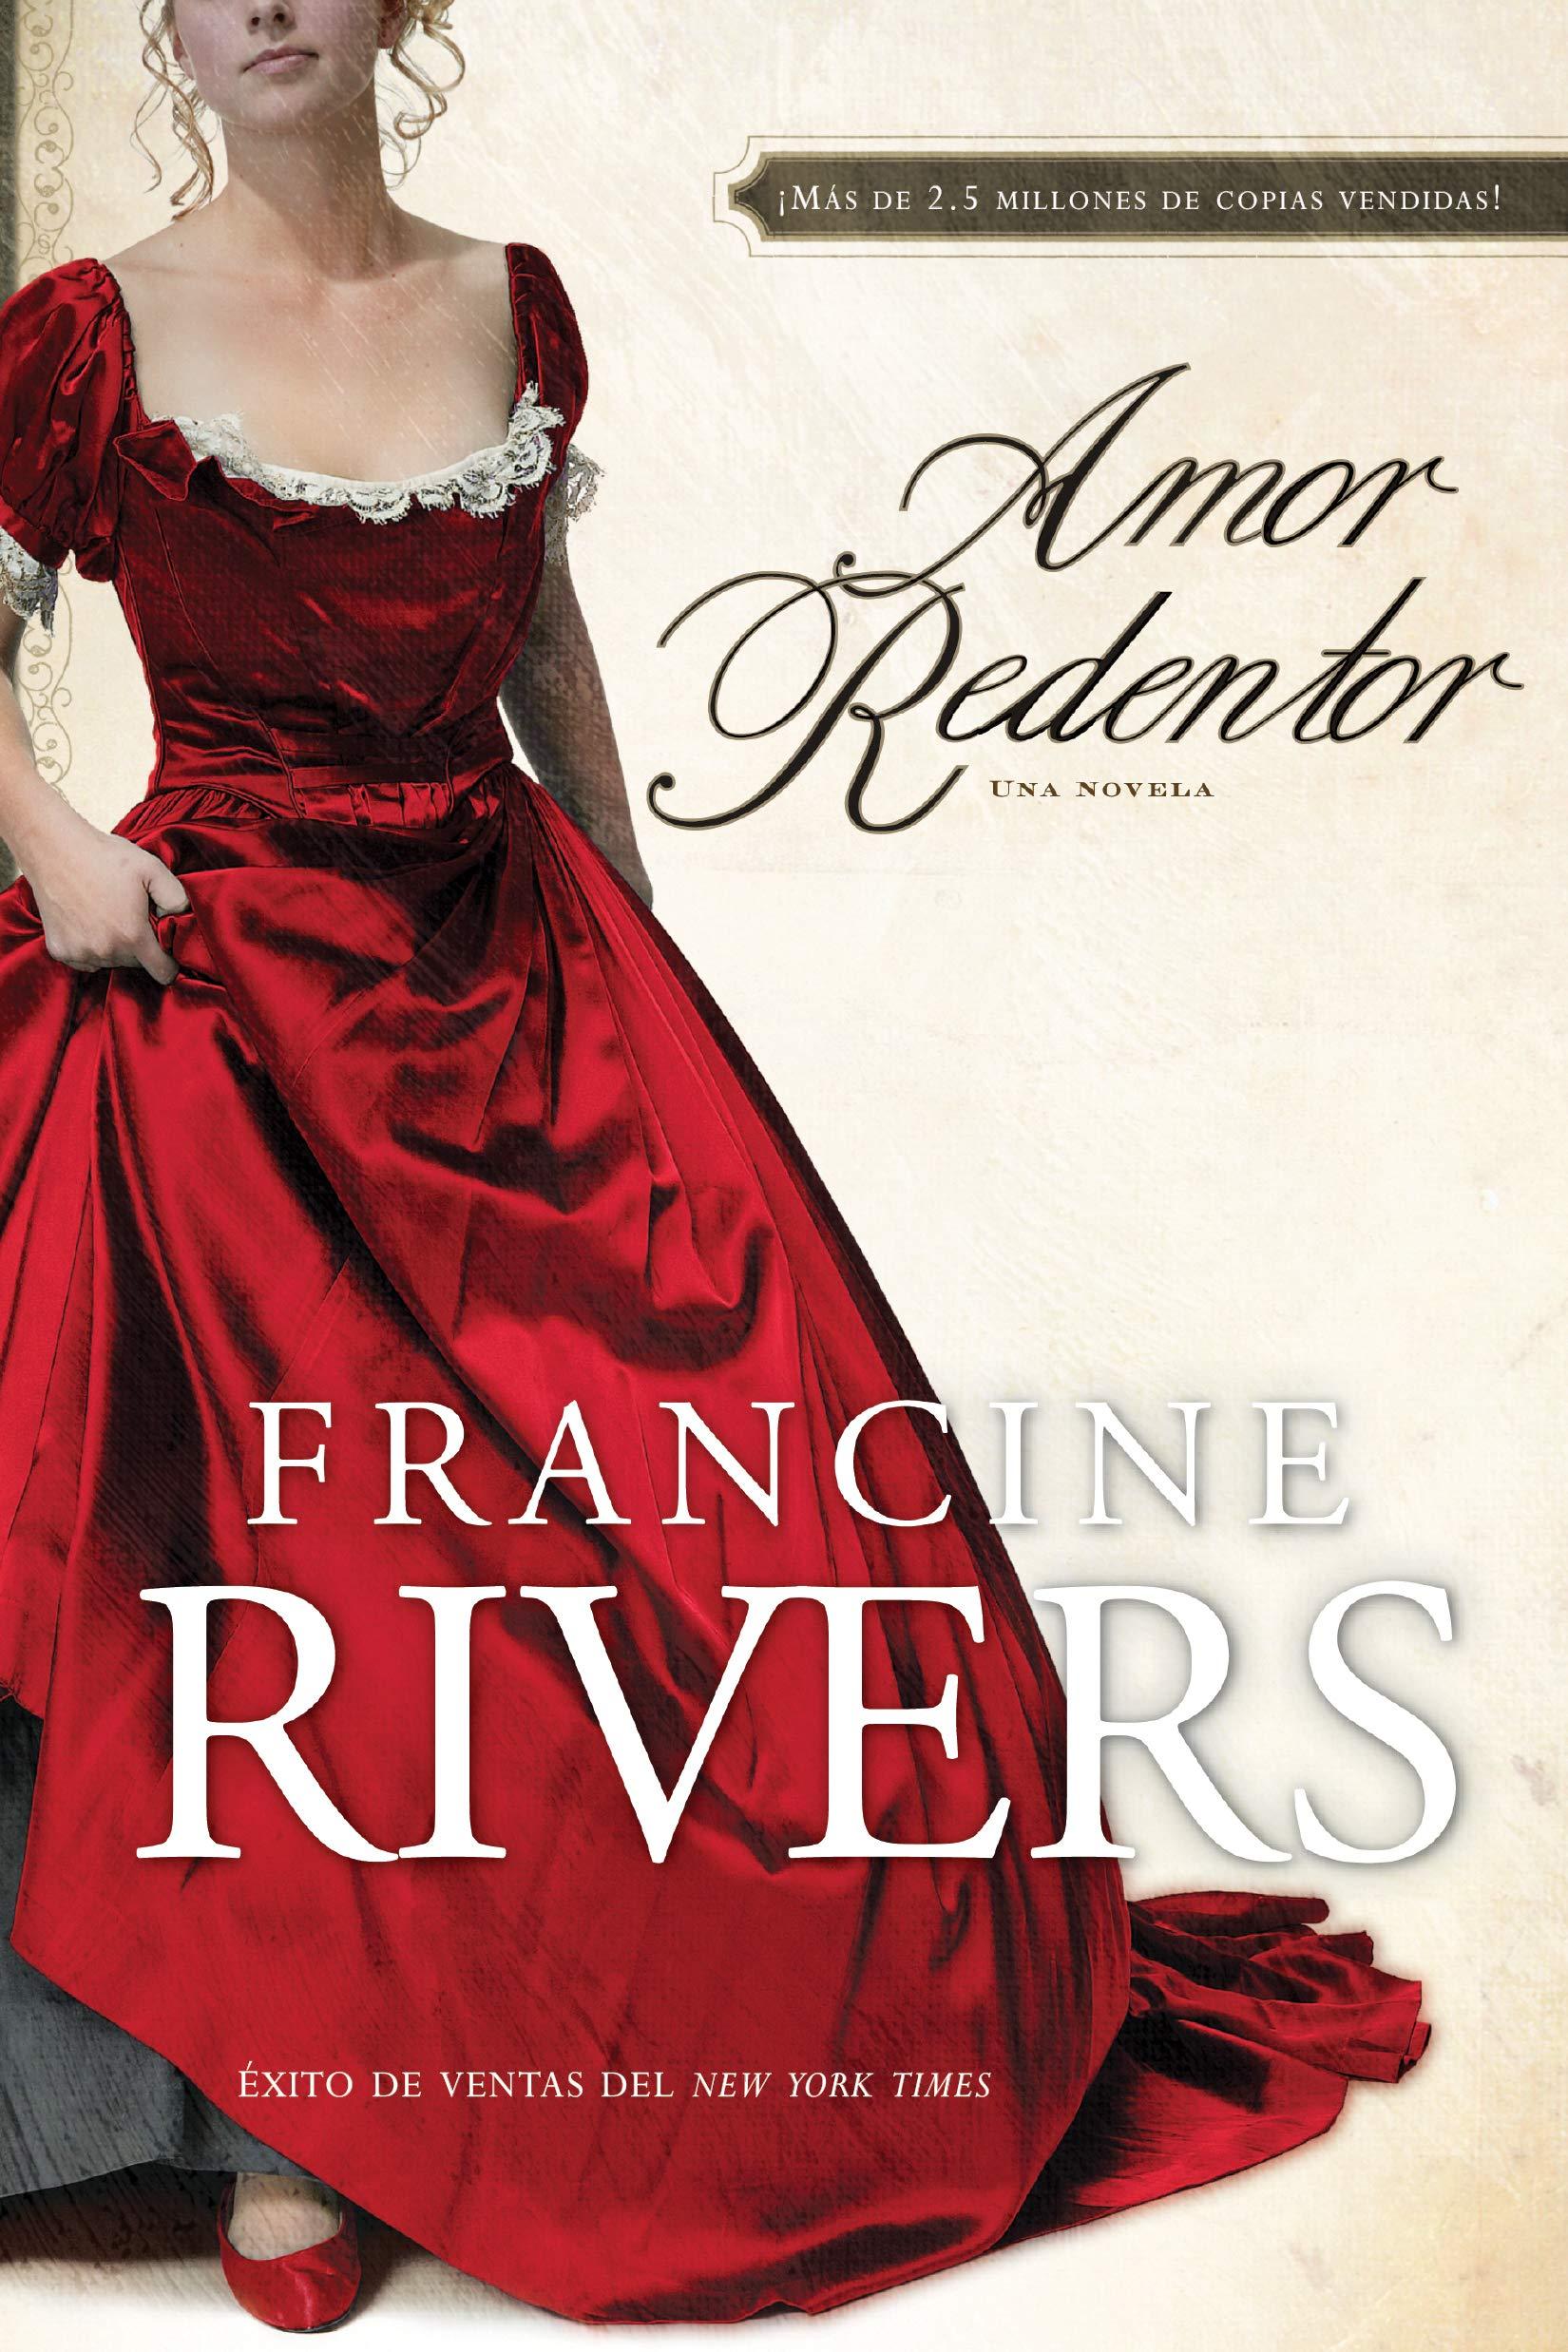 gratis amor redentor francine rivers